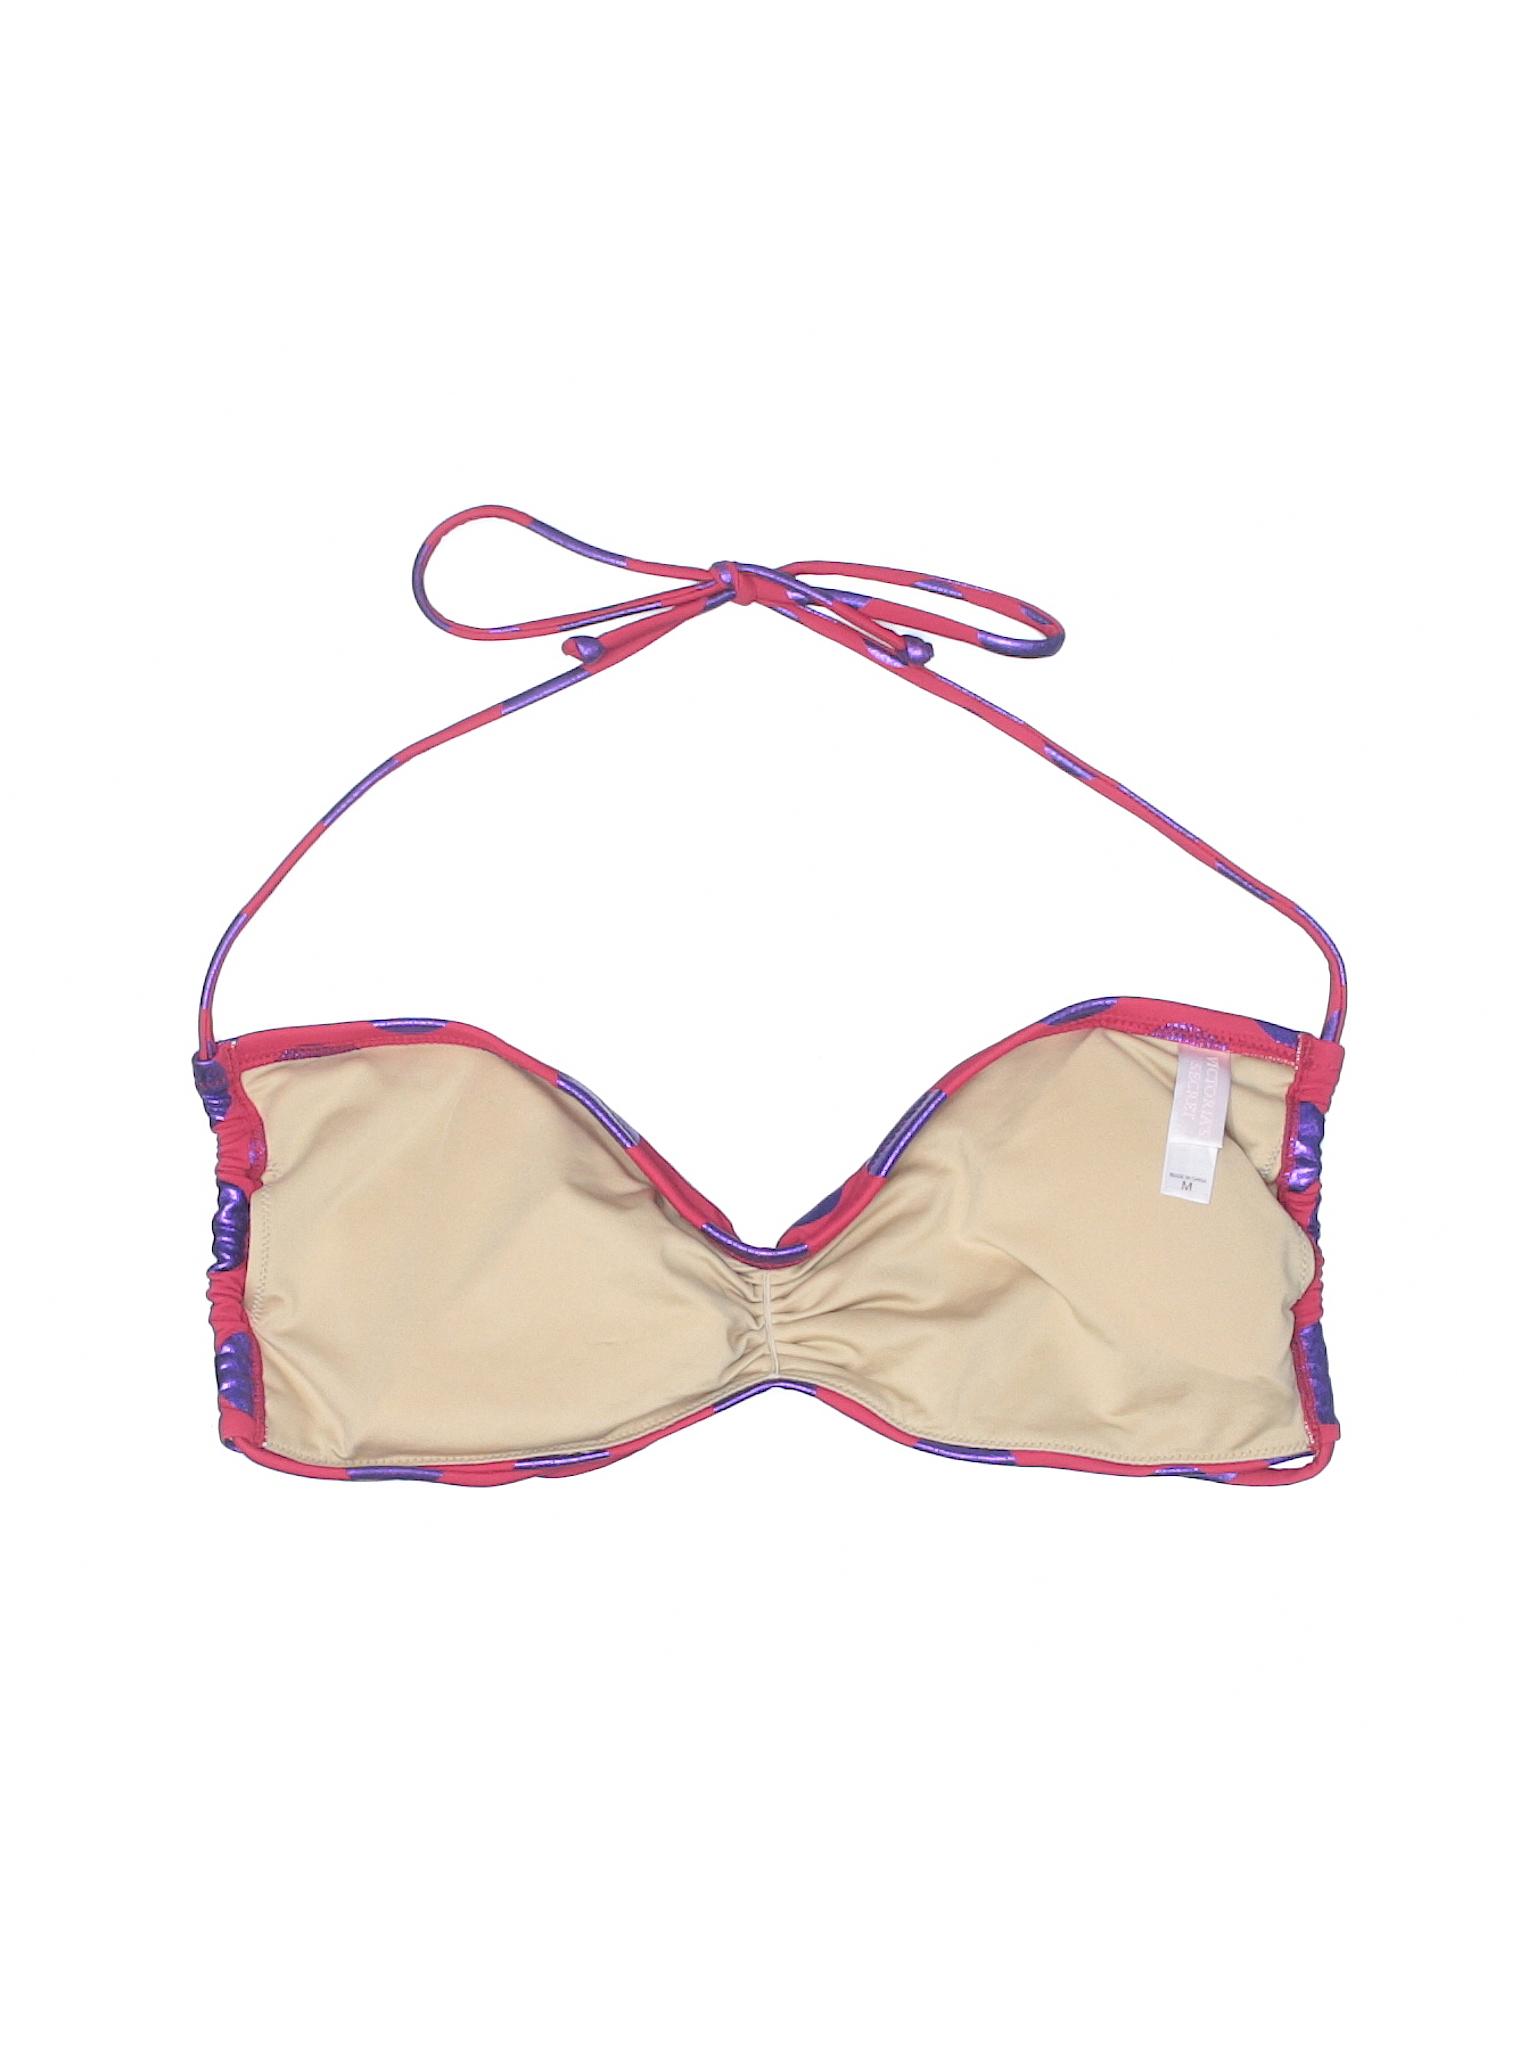 Boutique Secret Victoria's Secret Top Swimsuit Victoria's Swimsuit Top Victoria's Boutique Boutique wwXqaHg7S